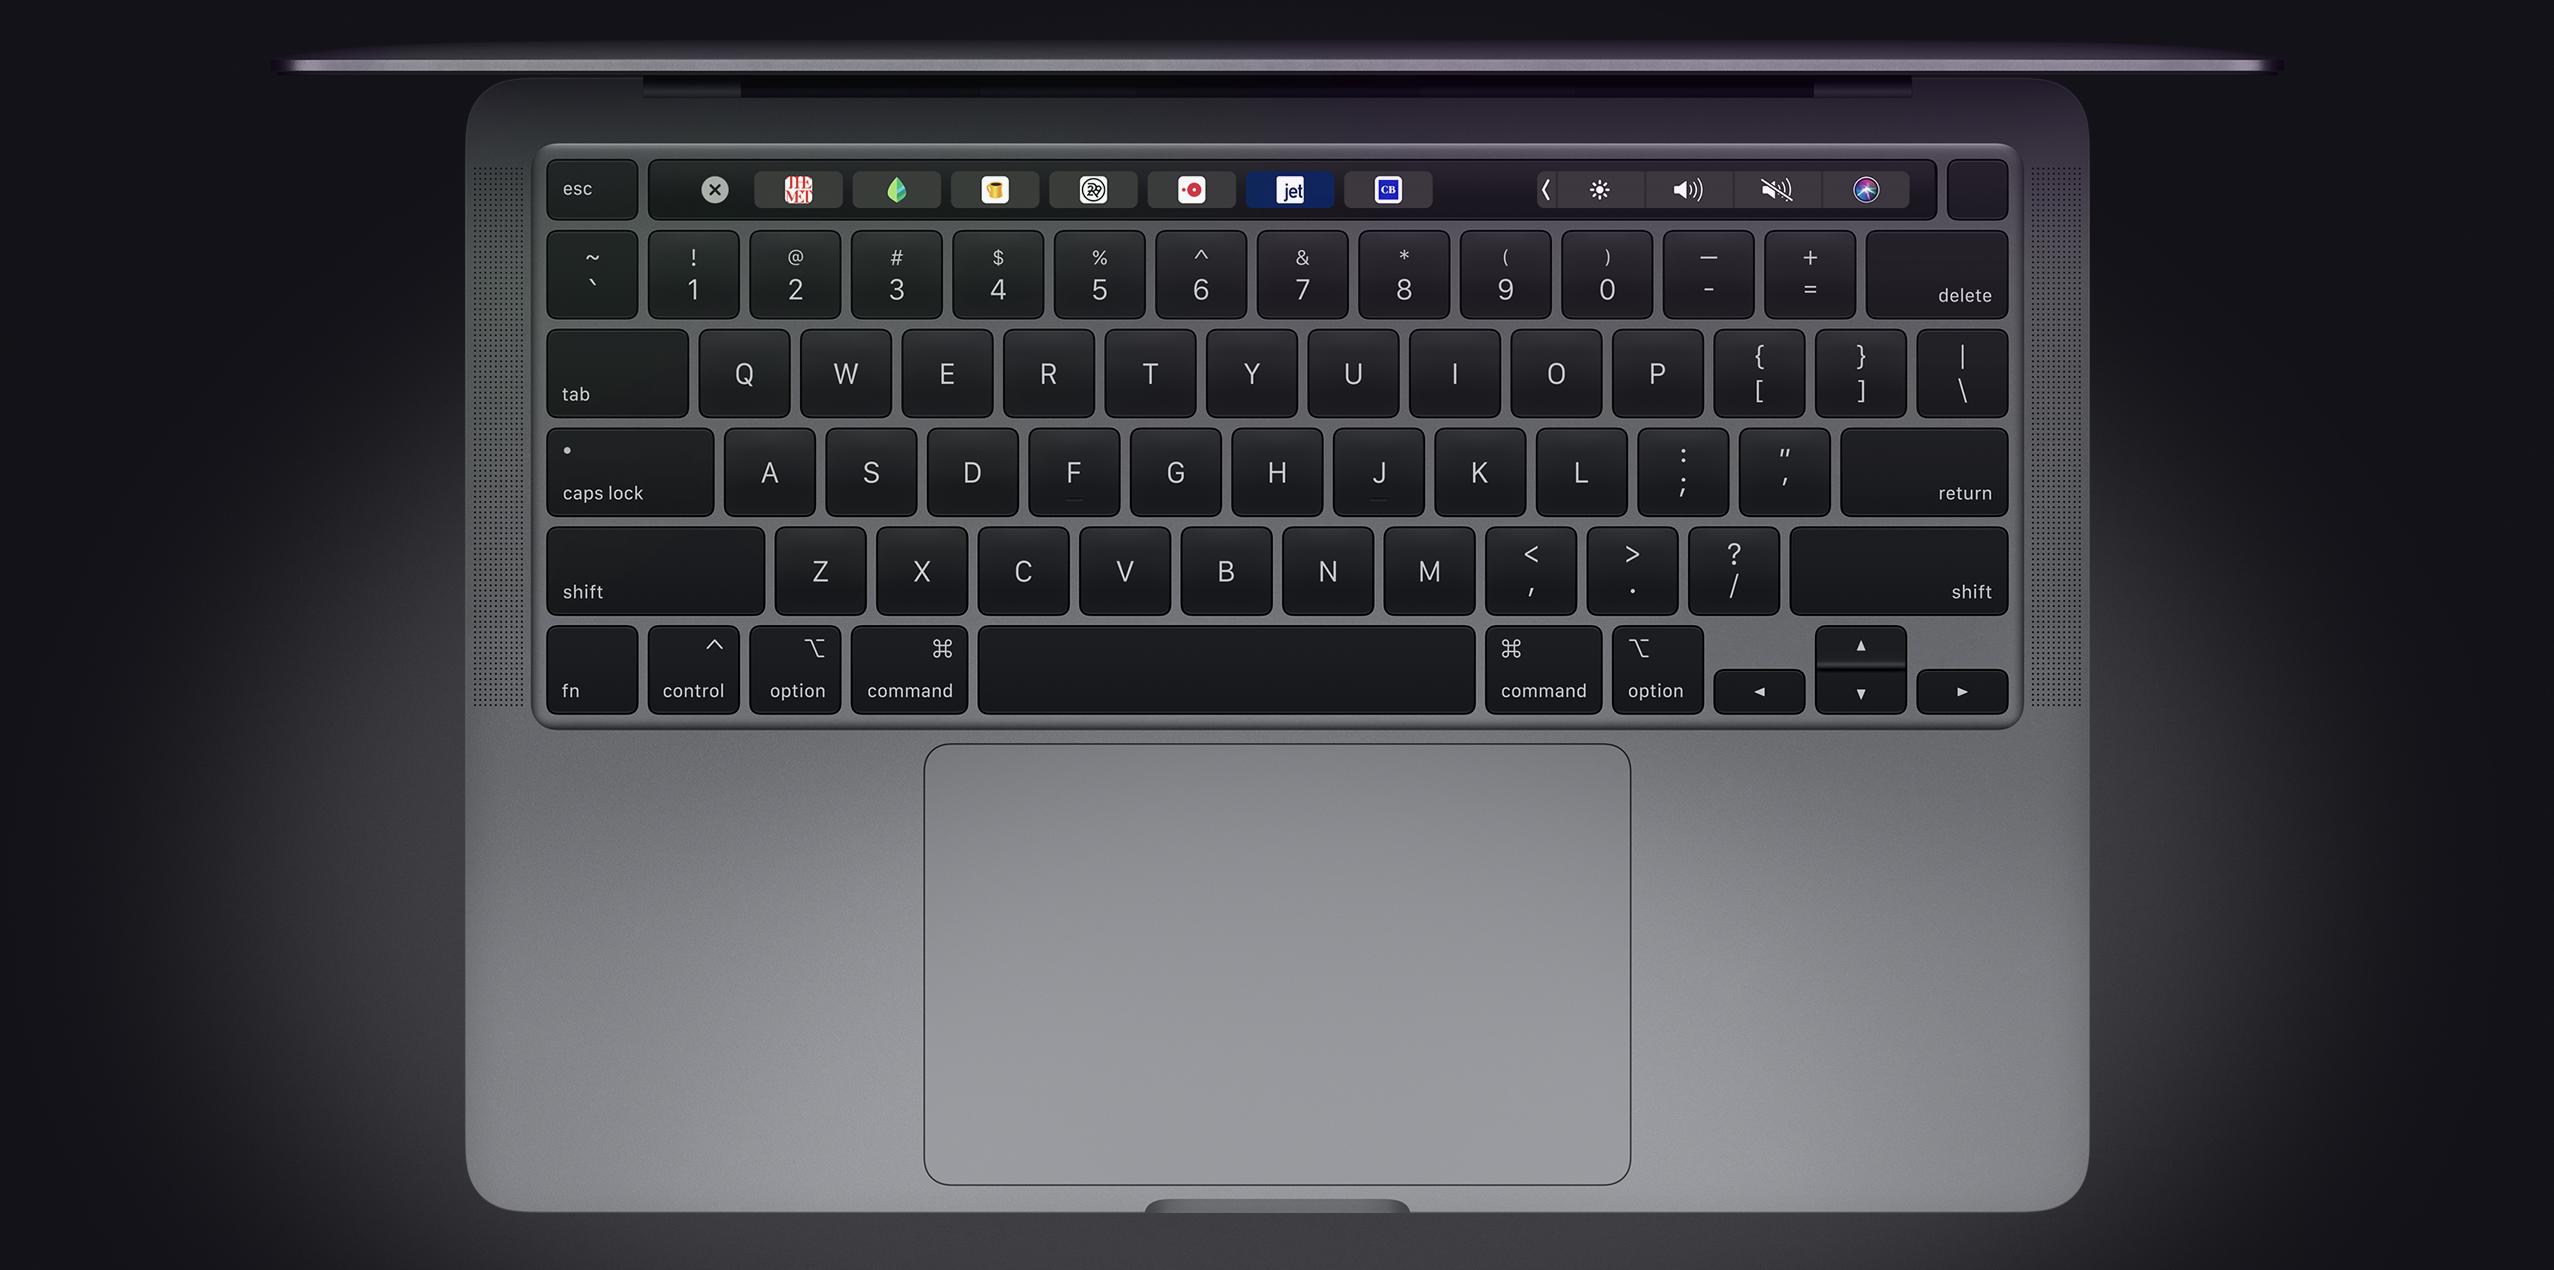 2020 13-inch MacBook Pro keyboard